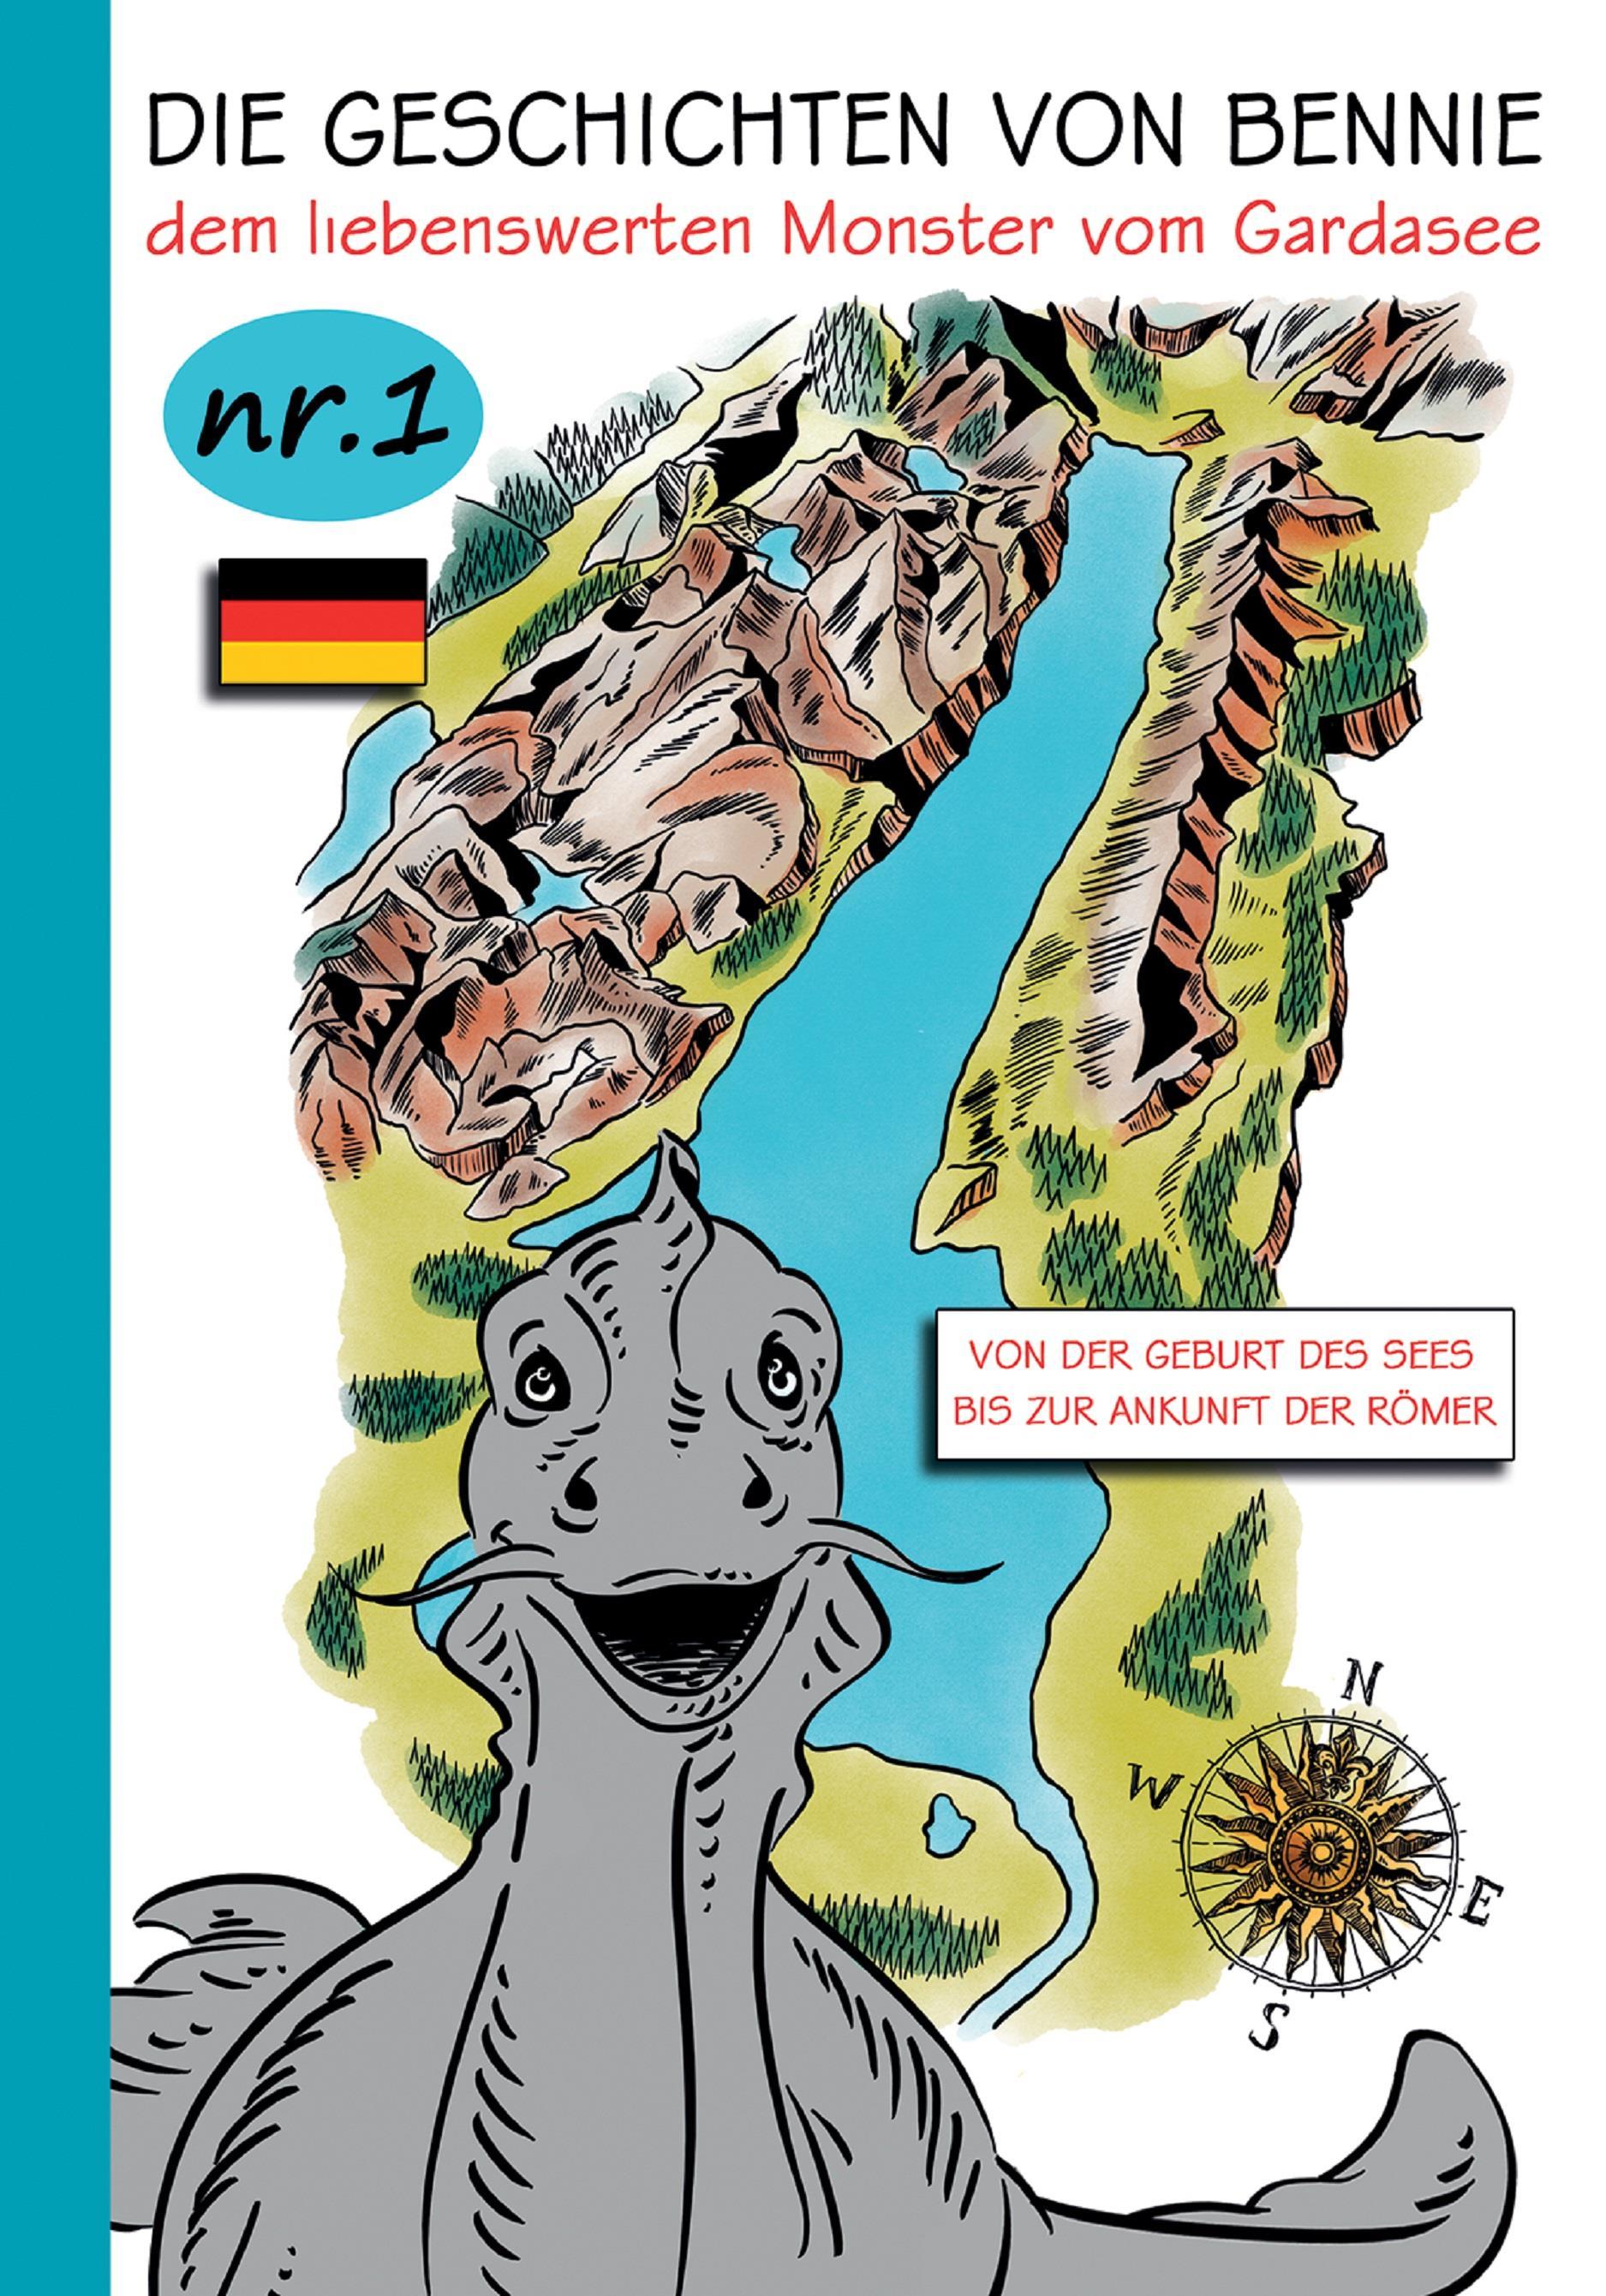 Die Geschichten von Bennie - dem liebenswerten Monster vom Gardasee. Nr.1. Von der geburt des sees bis zur ankunft der Römer